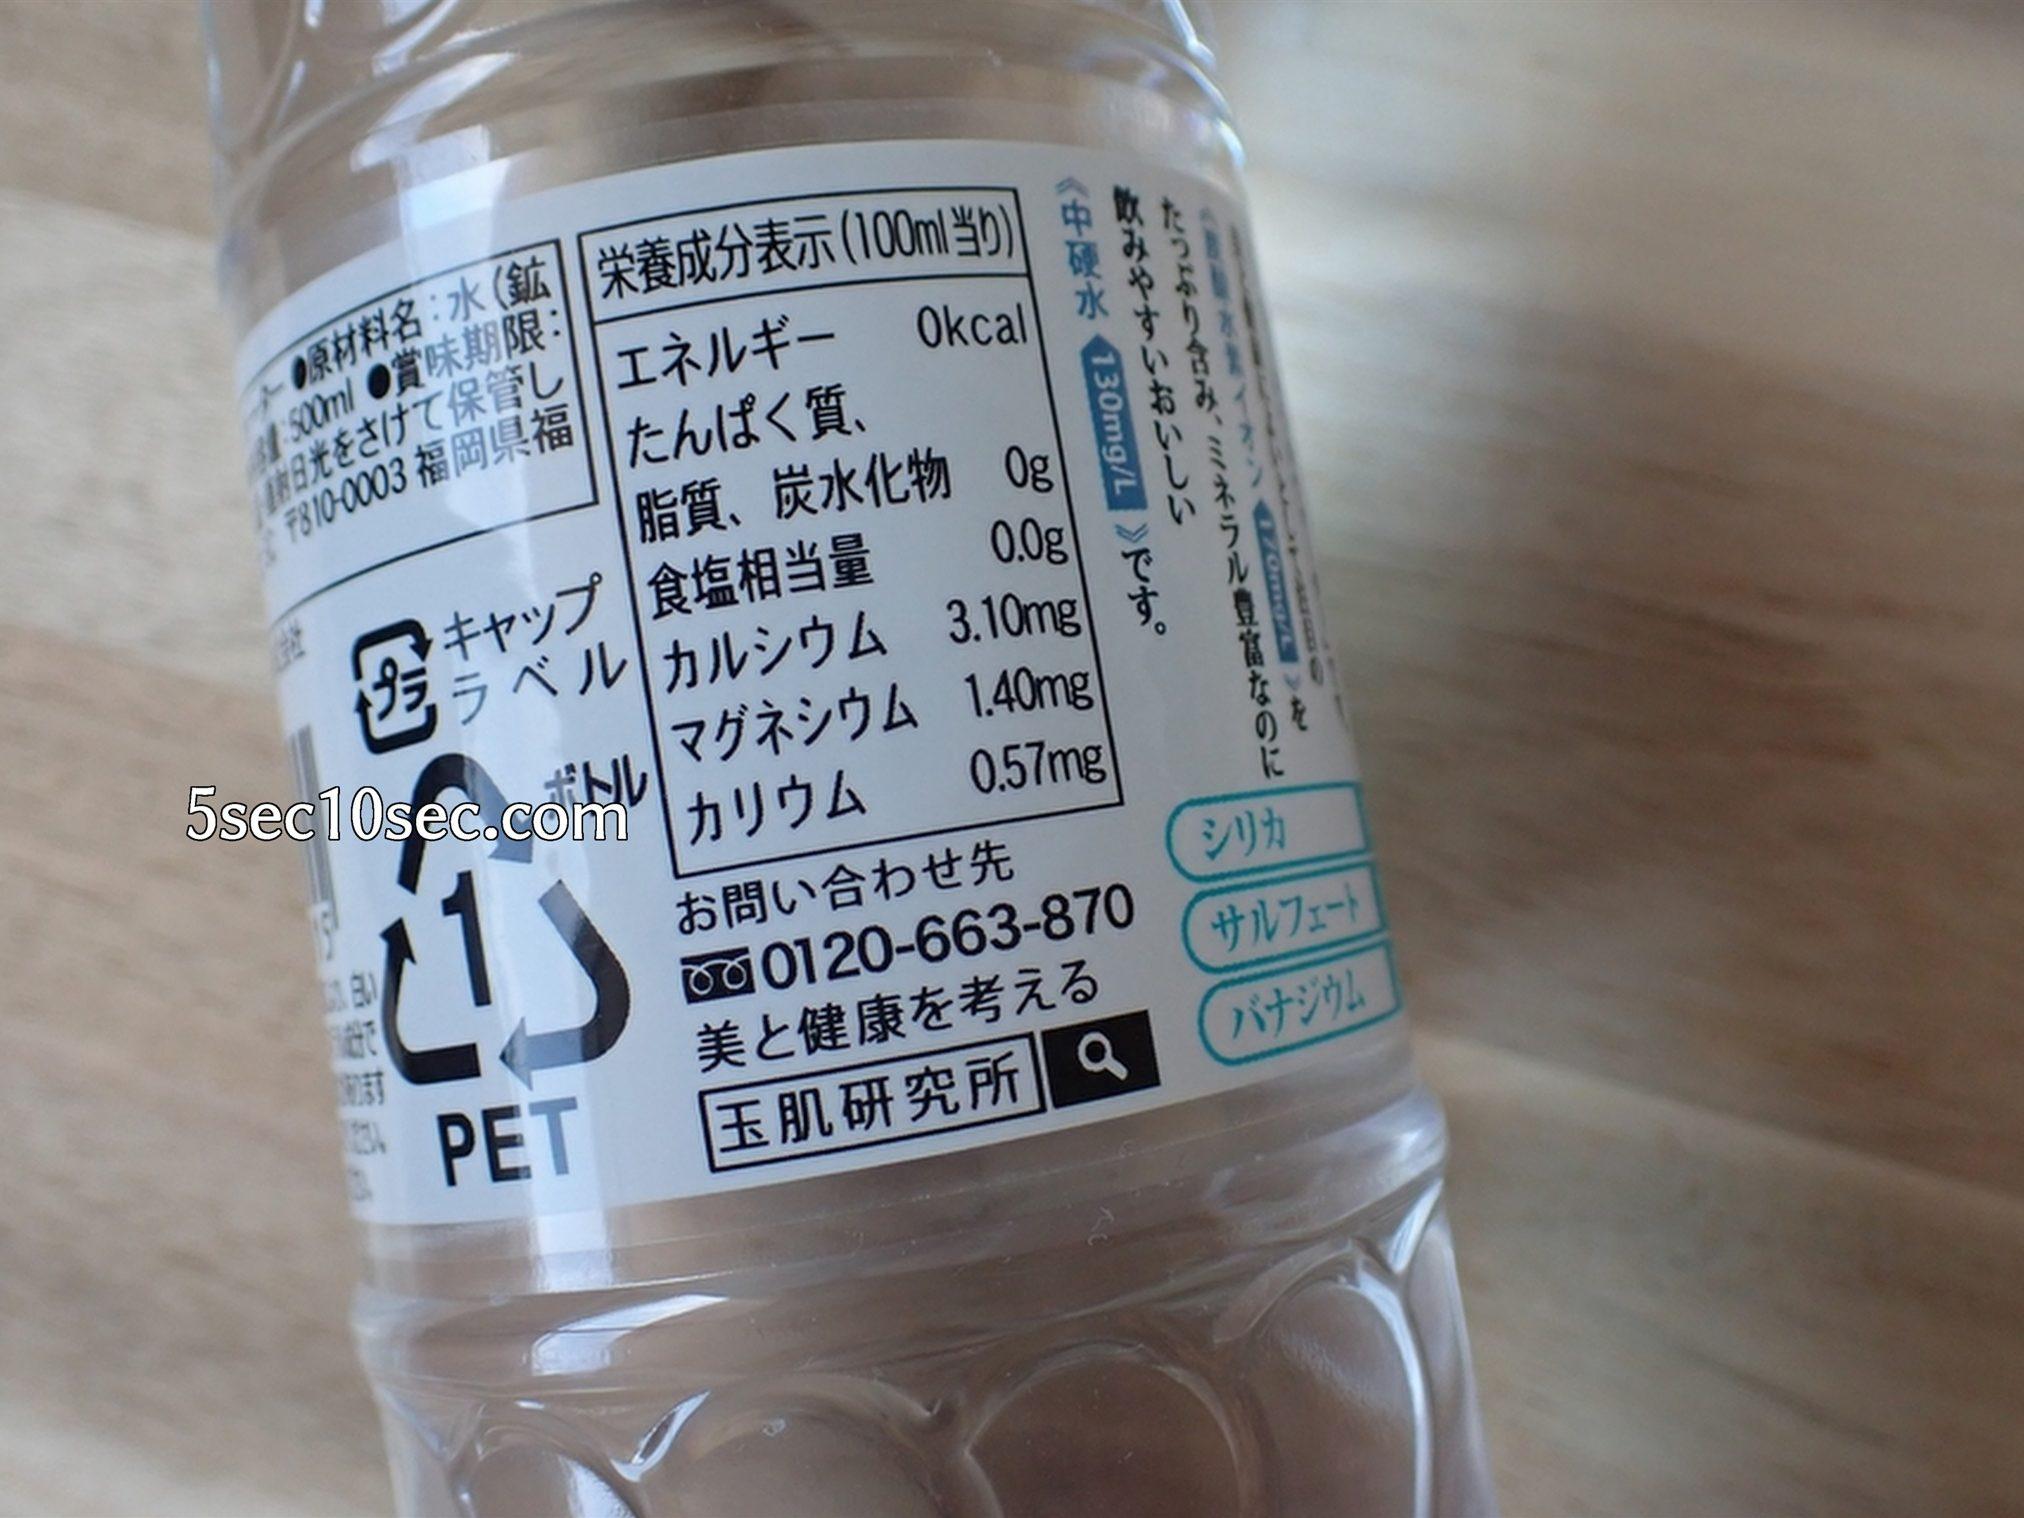 カルシウムとマグネシウムが2対1の理想的なバランスで含まれています 玉肌シリカ天然水